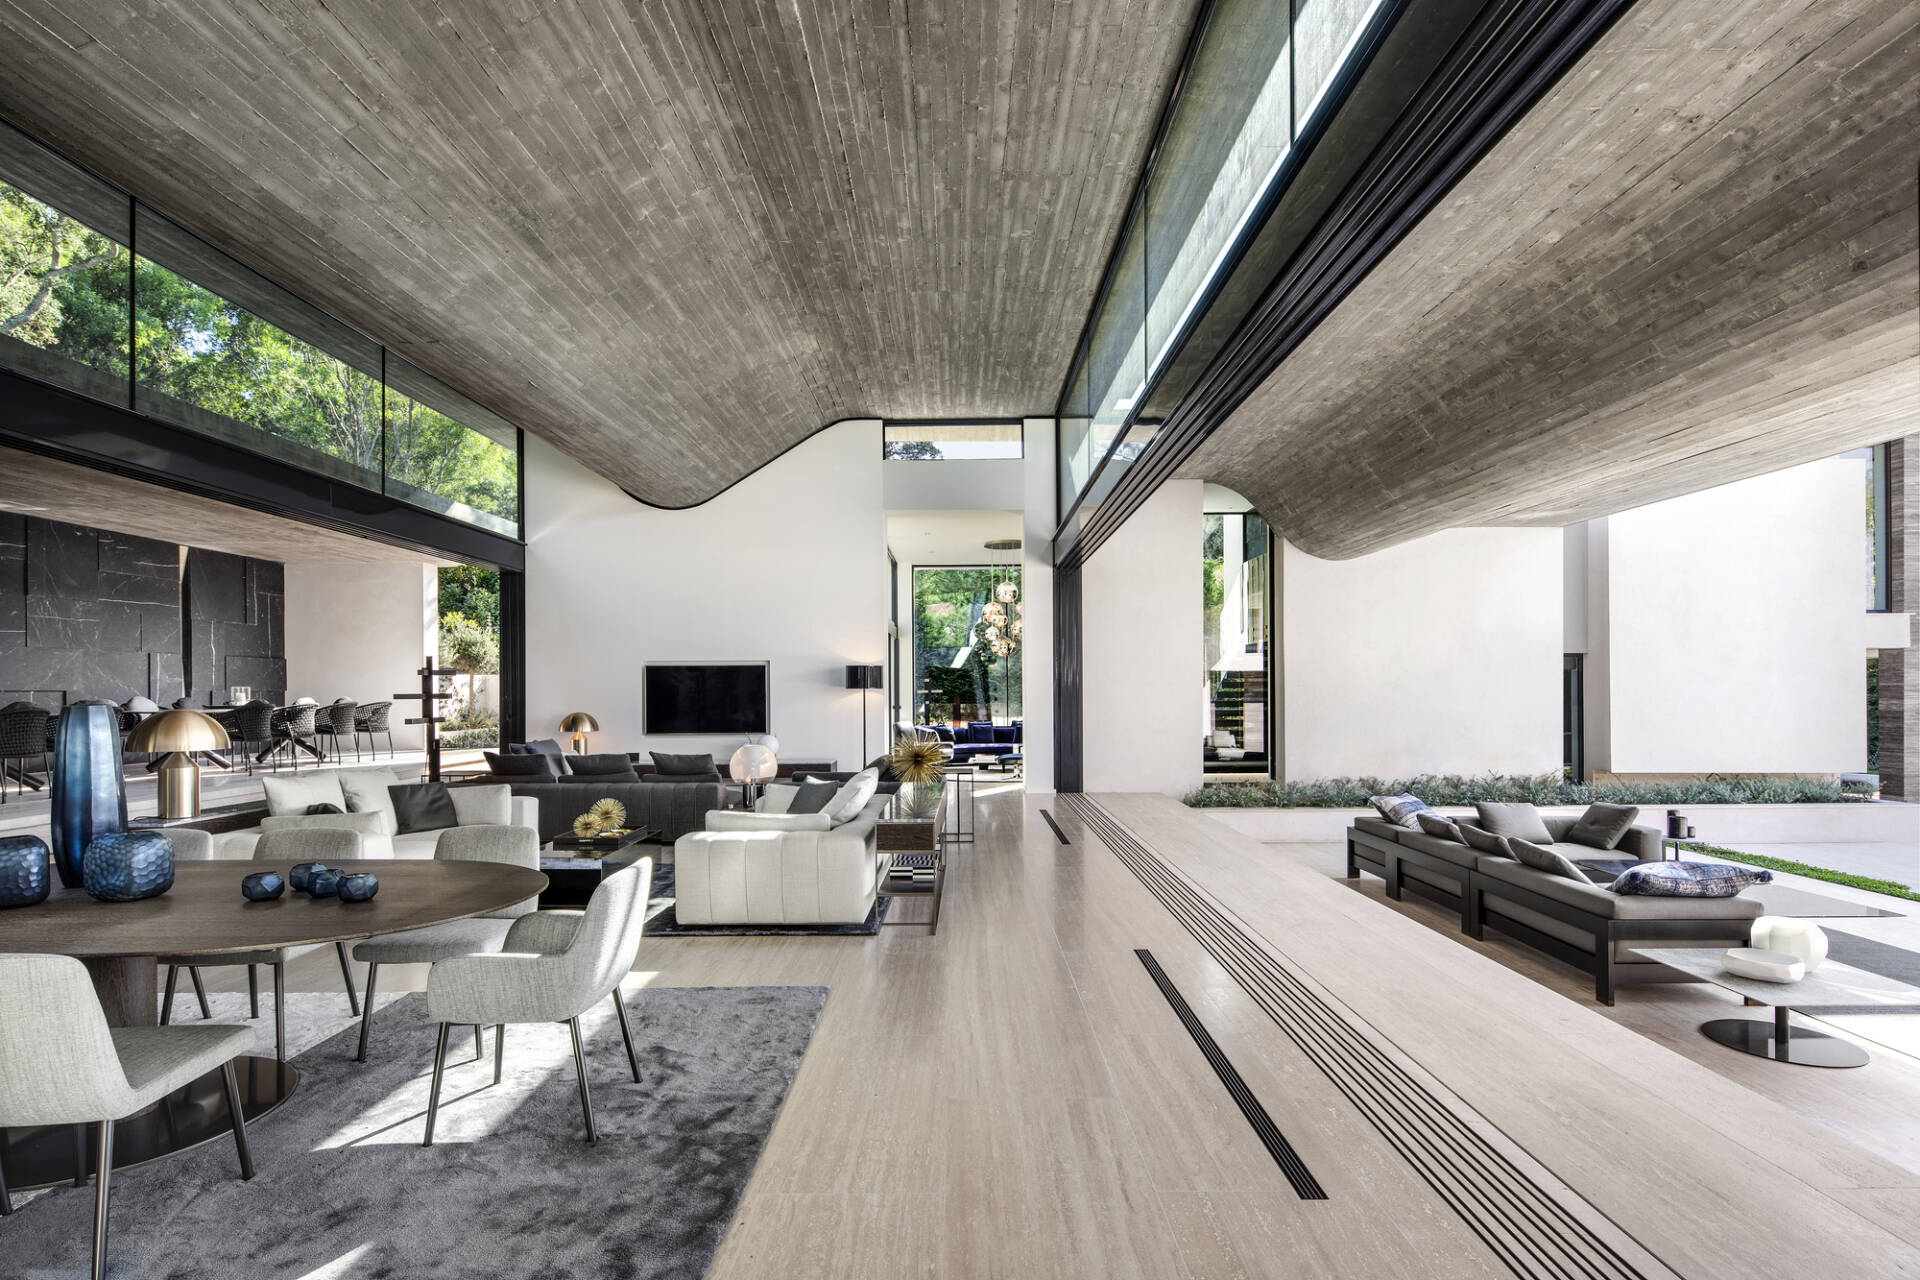 Bên cạnh những đường nét sắc cạnh, đường cong của trần nhà góp phần đem lại vẻ mềm mại, uyển chuyển cho không gian sinh hoạt chung